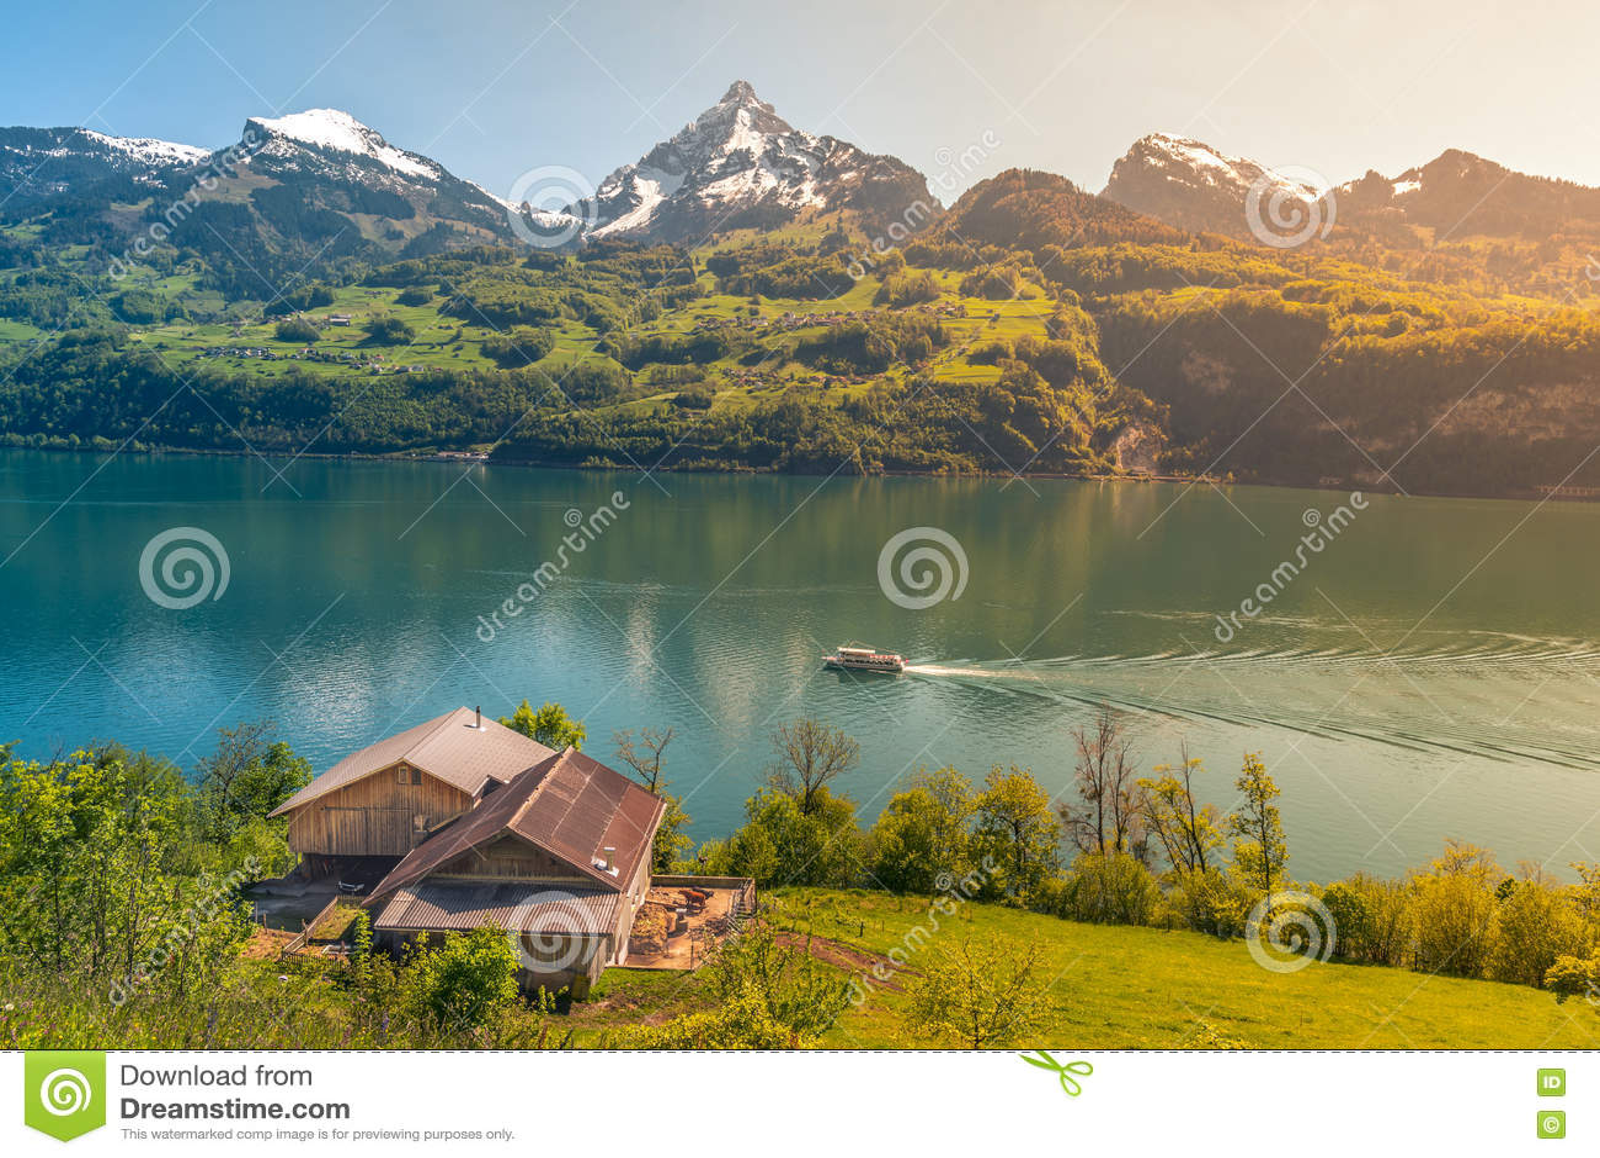 Paesaggio Alpino Pittoresco Scaldato Da Luce Solare Fotografia Stock  Immagine di picchi bello 73240328